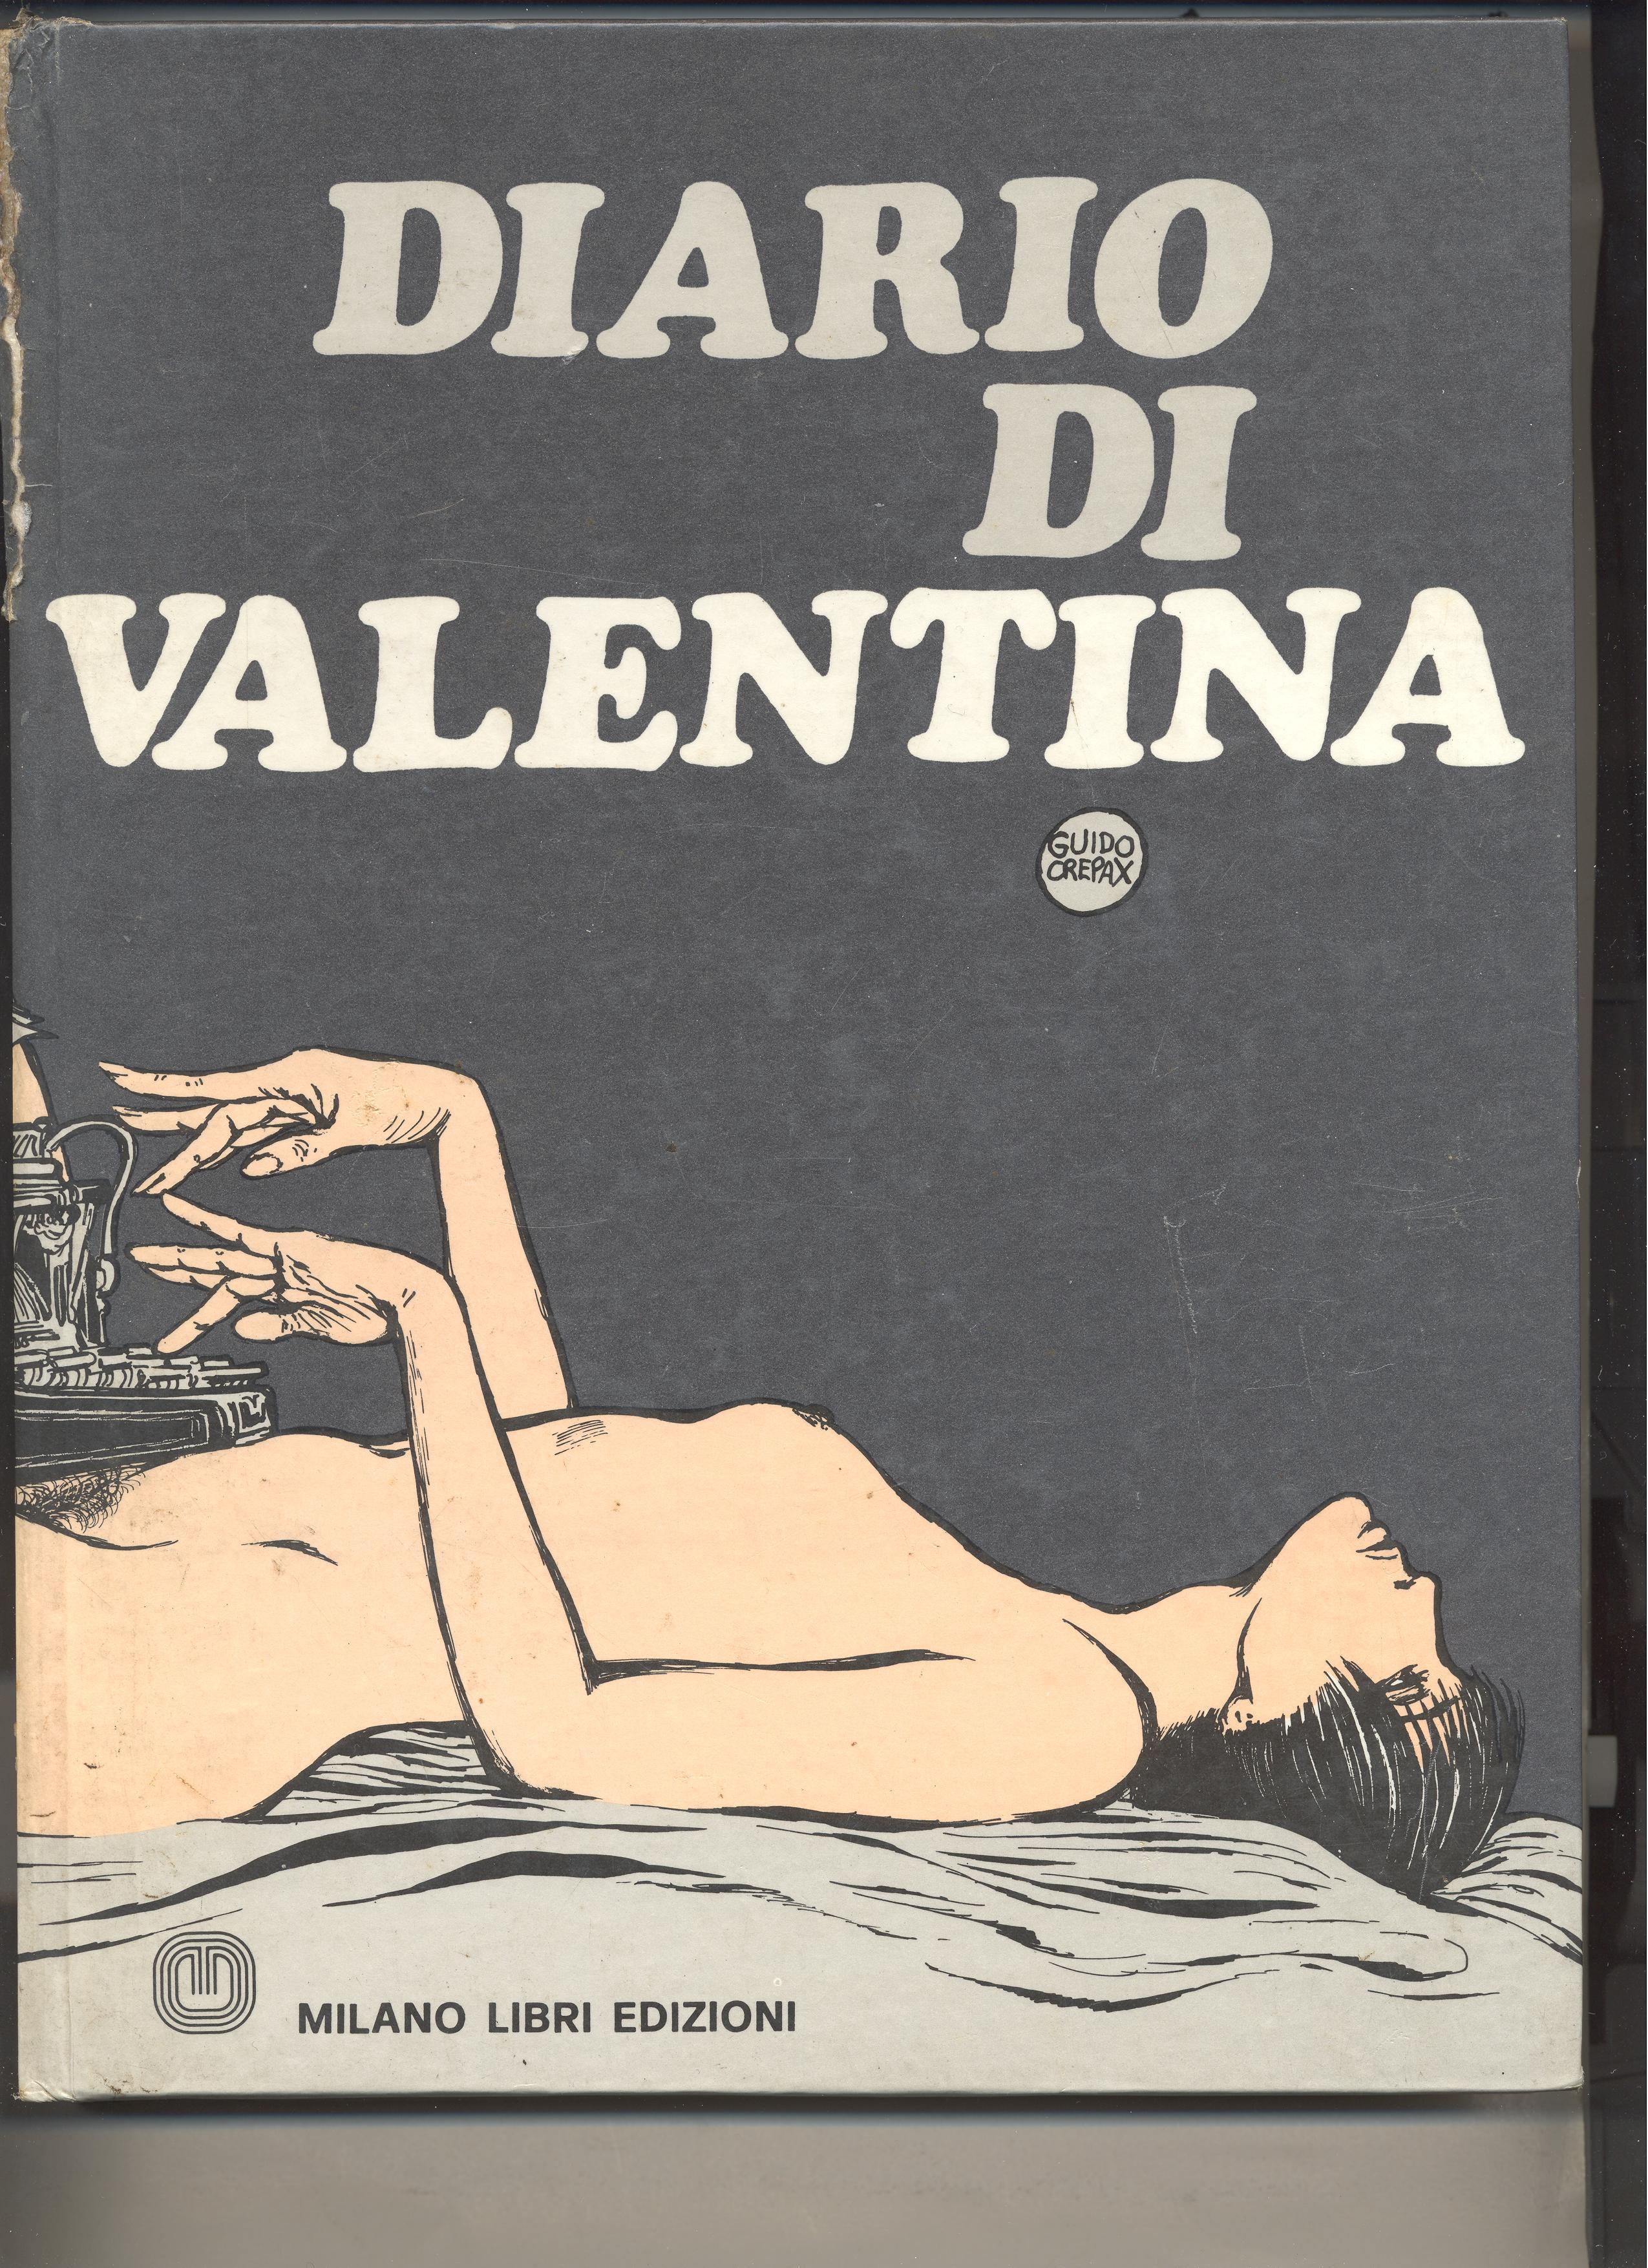 Diario di Valentina_Guido Crepax_Milano Libri Edizioni_Brugherio_1975